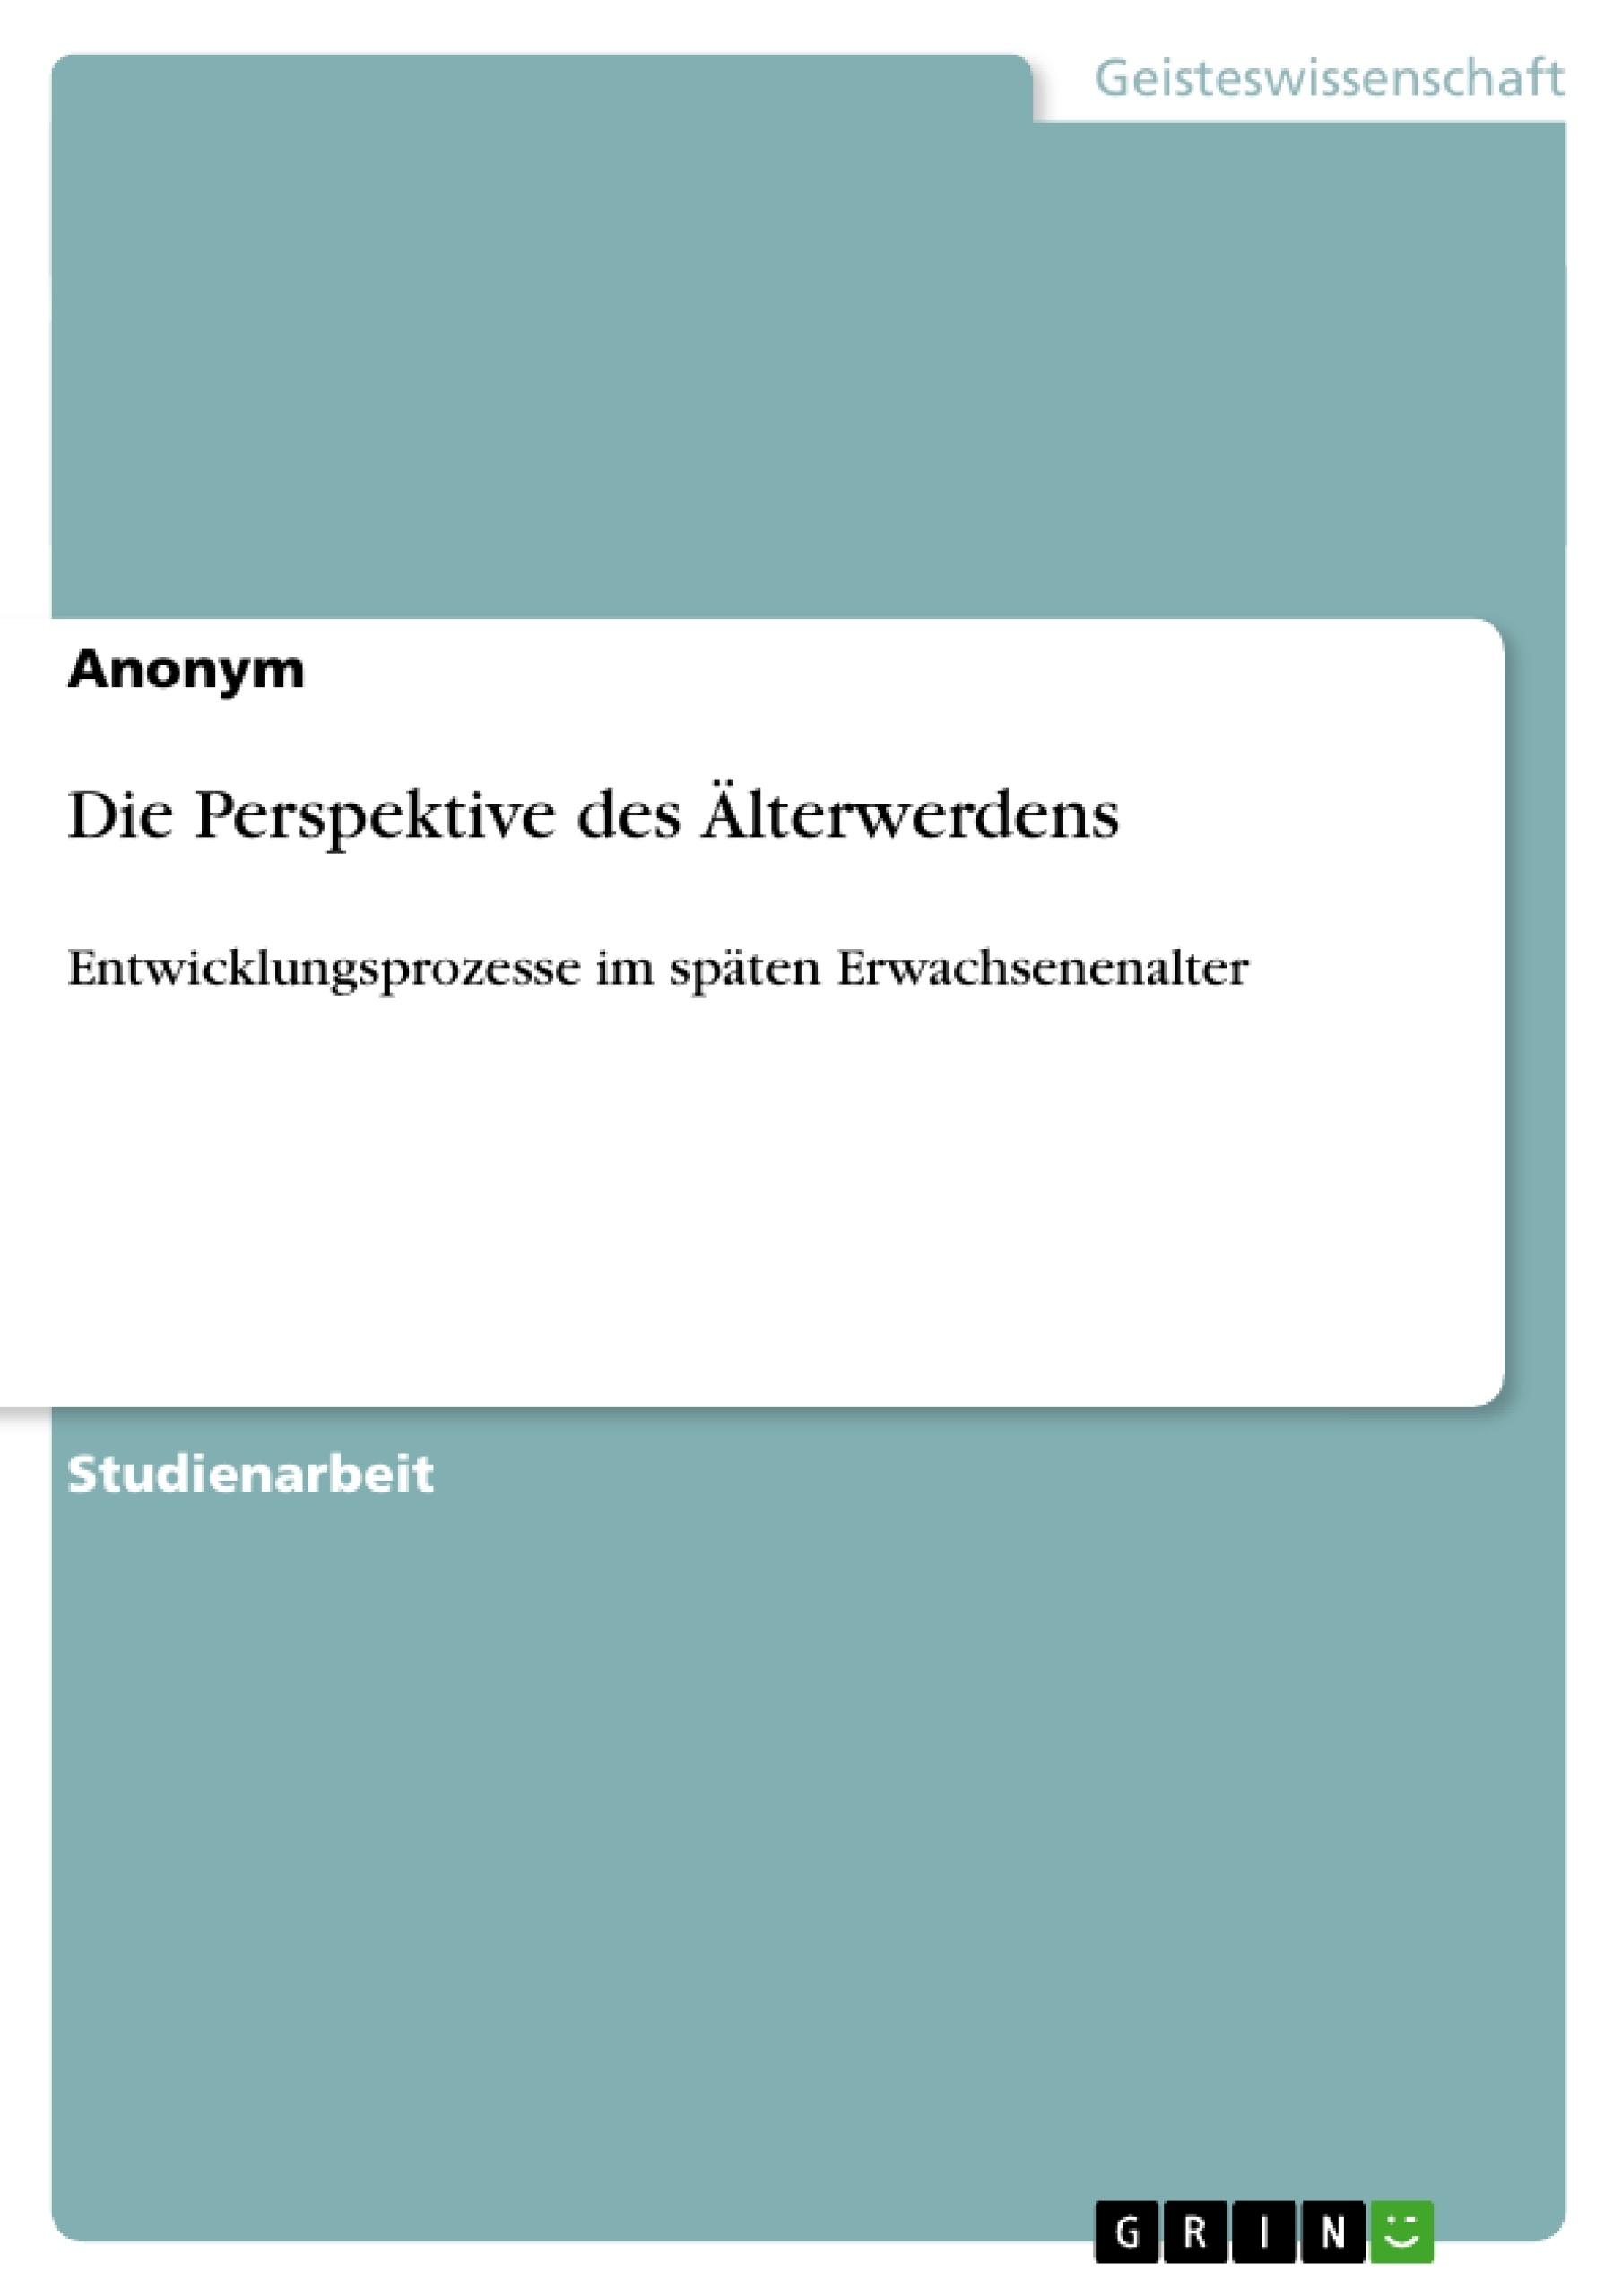 Titel: Die Perspektive des Älterwerdens